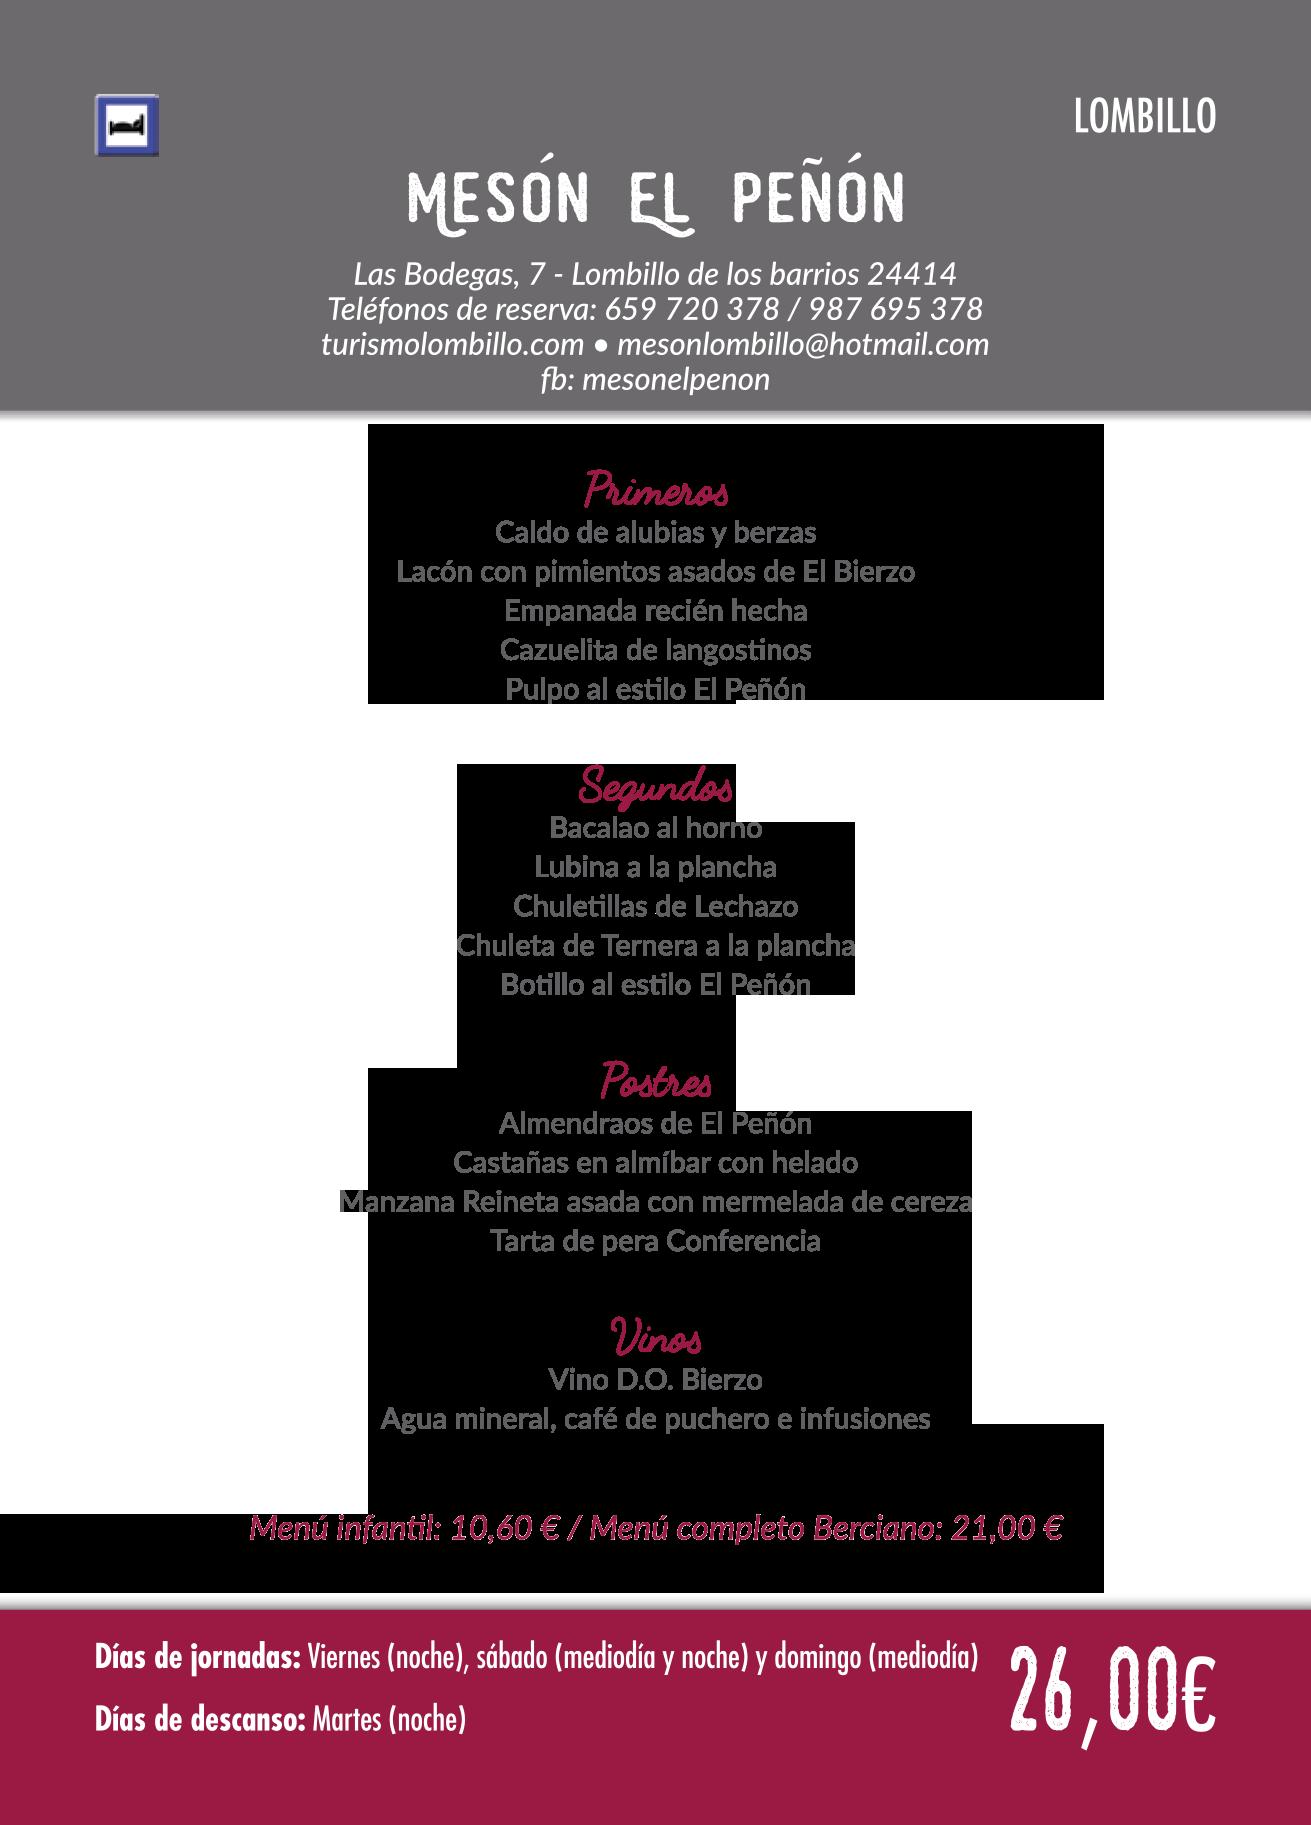 Las Jornadas Gastronómicas del Bierzo llegan a su 35 edición. Consulta los menús de esta edición 37